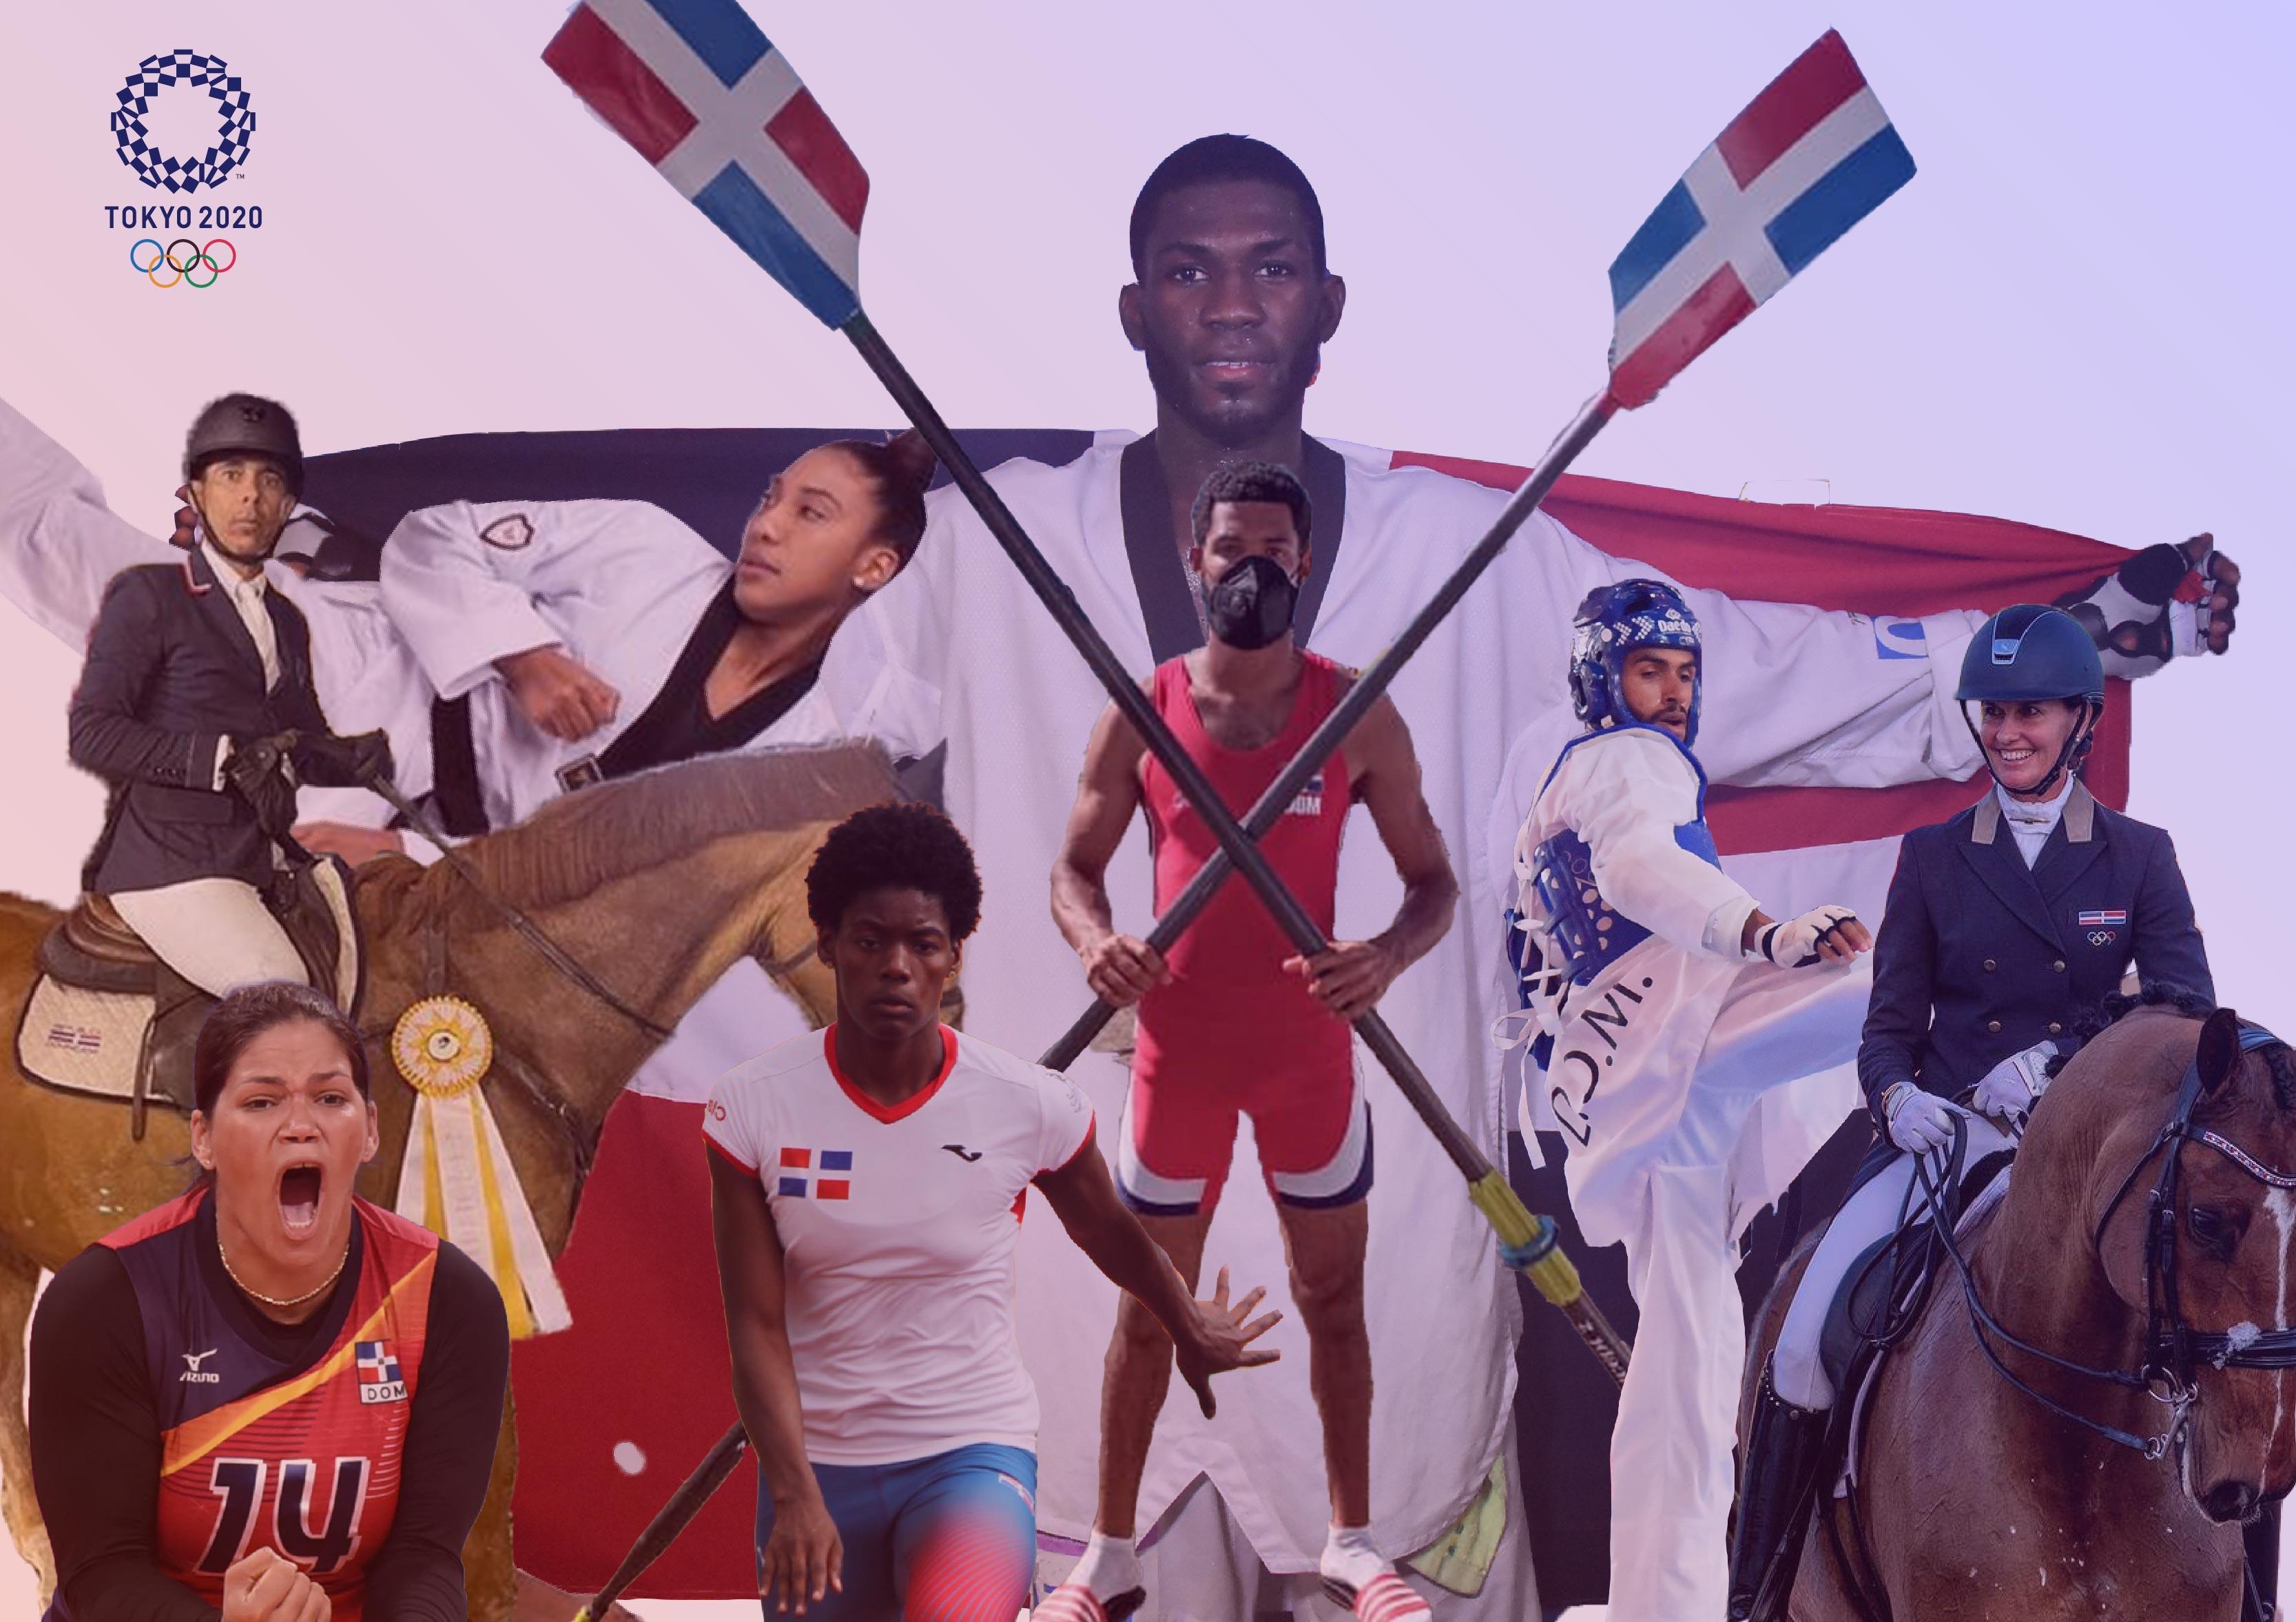 Más de 7,800 plazas clasificatorias ya asignadas para los Juegos de Tokio 2020